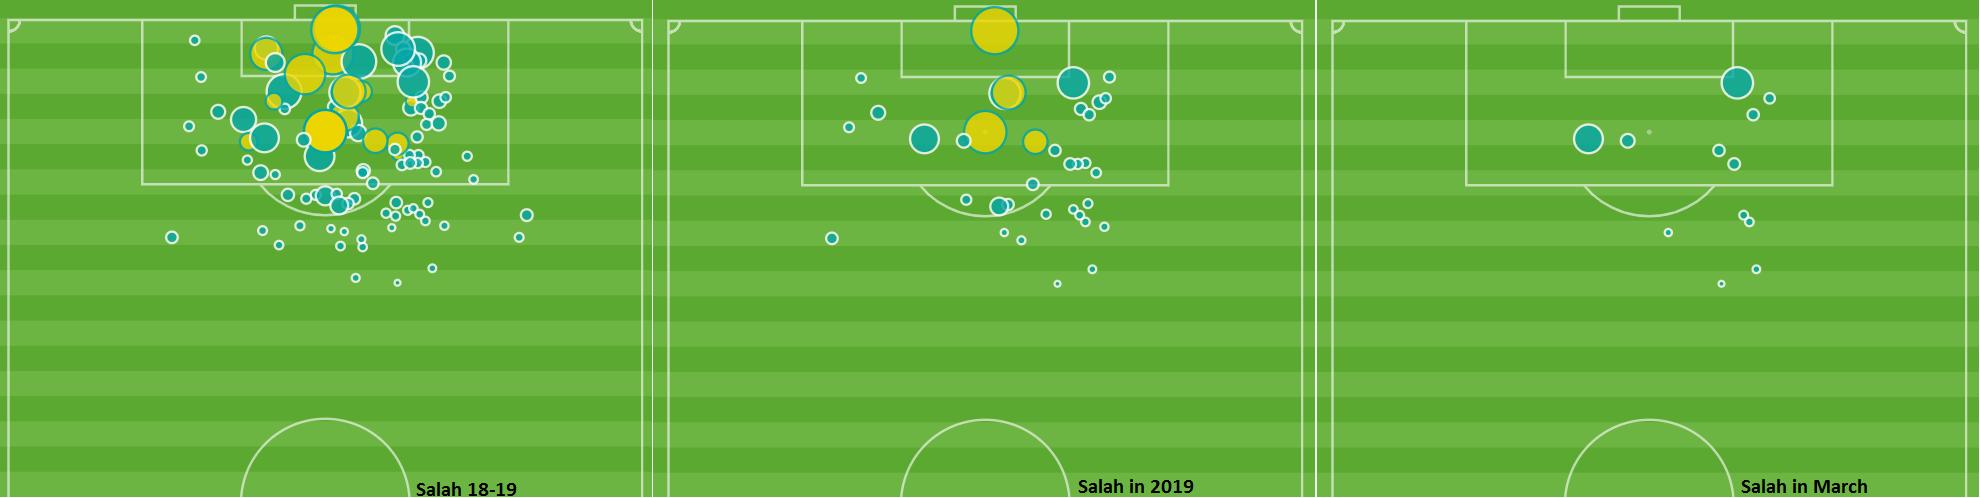 Mohamed Salah Shot Map